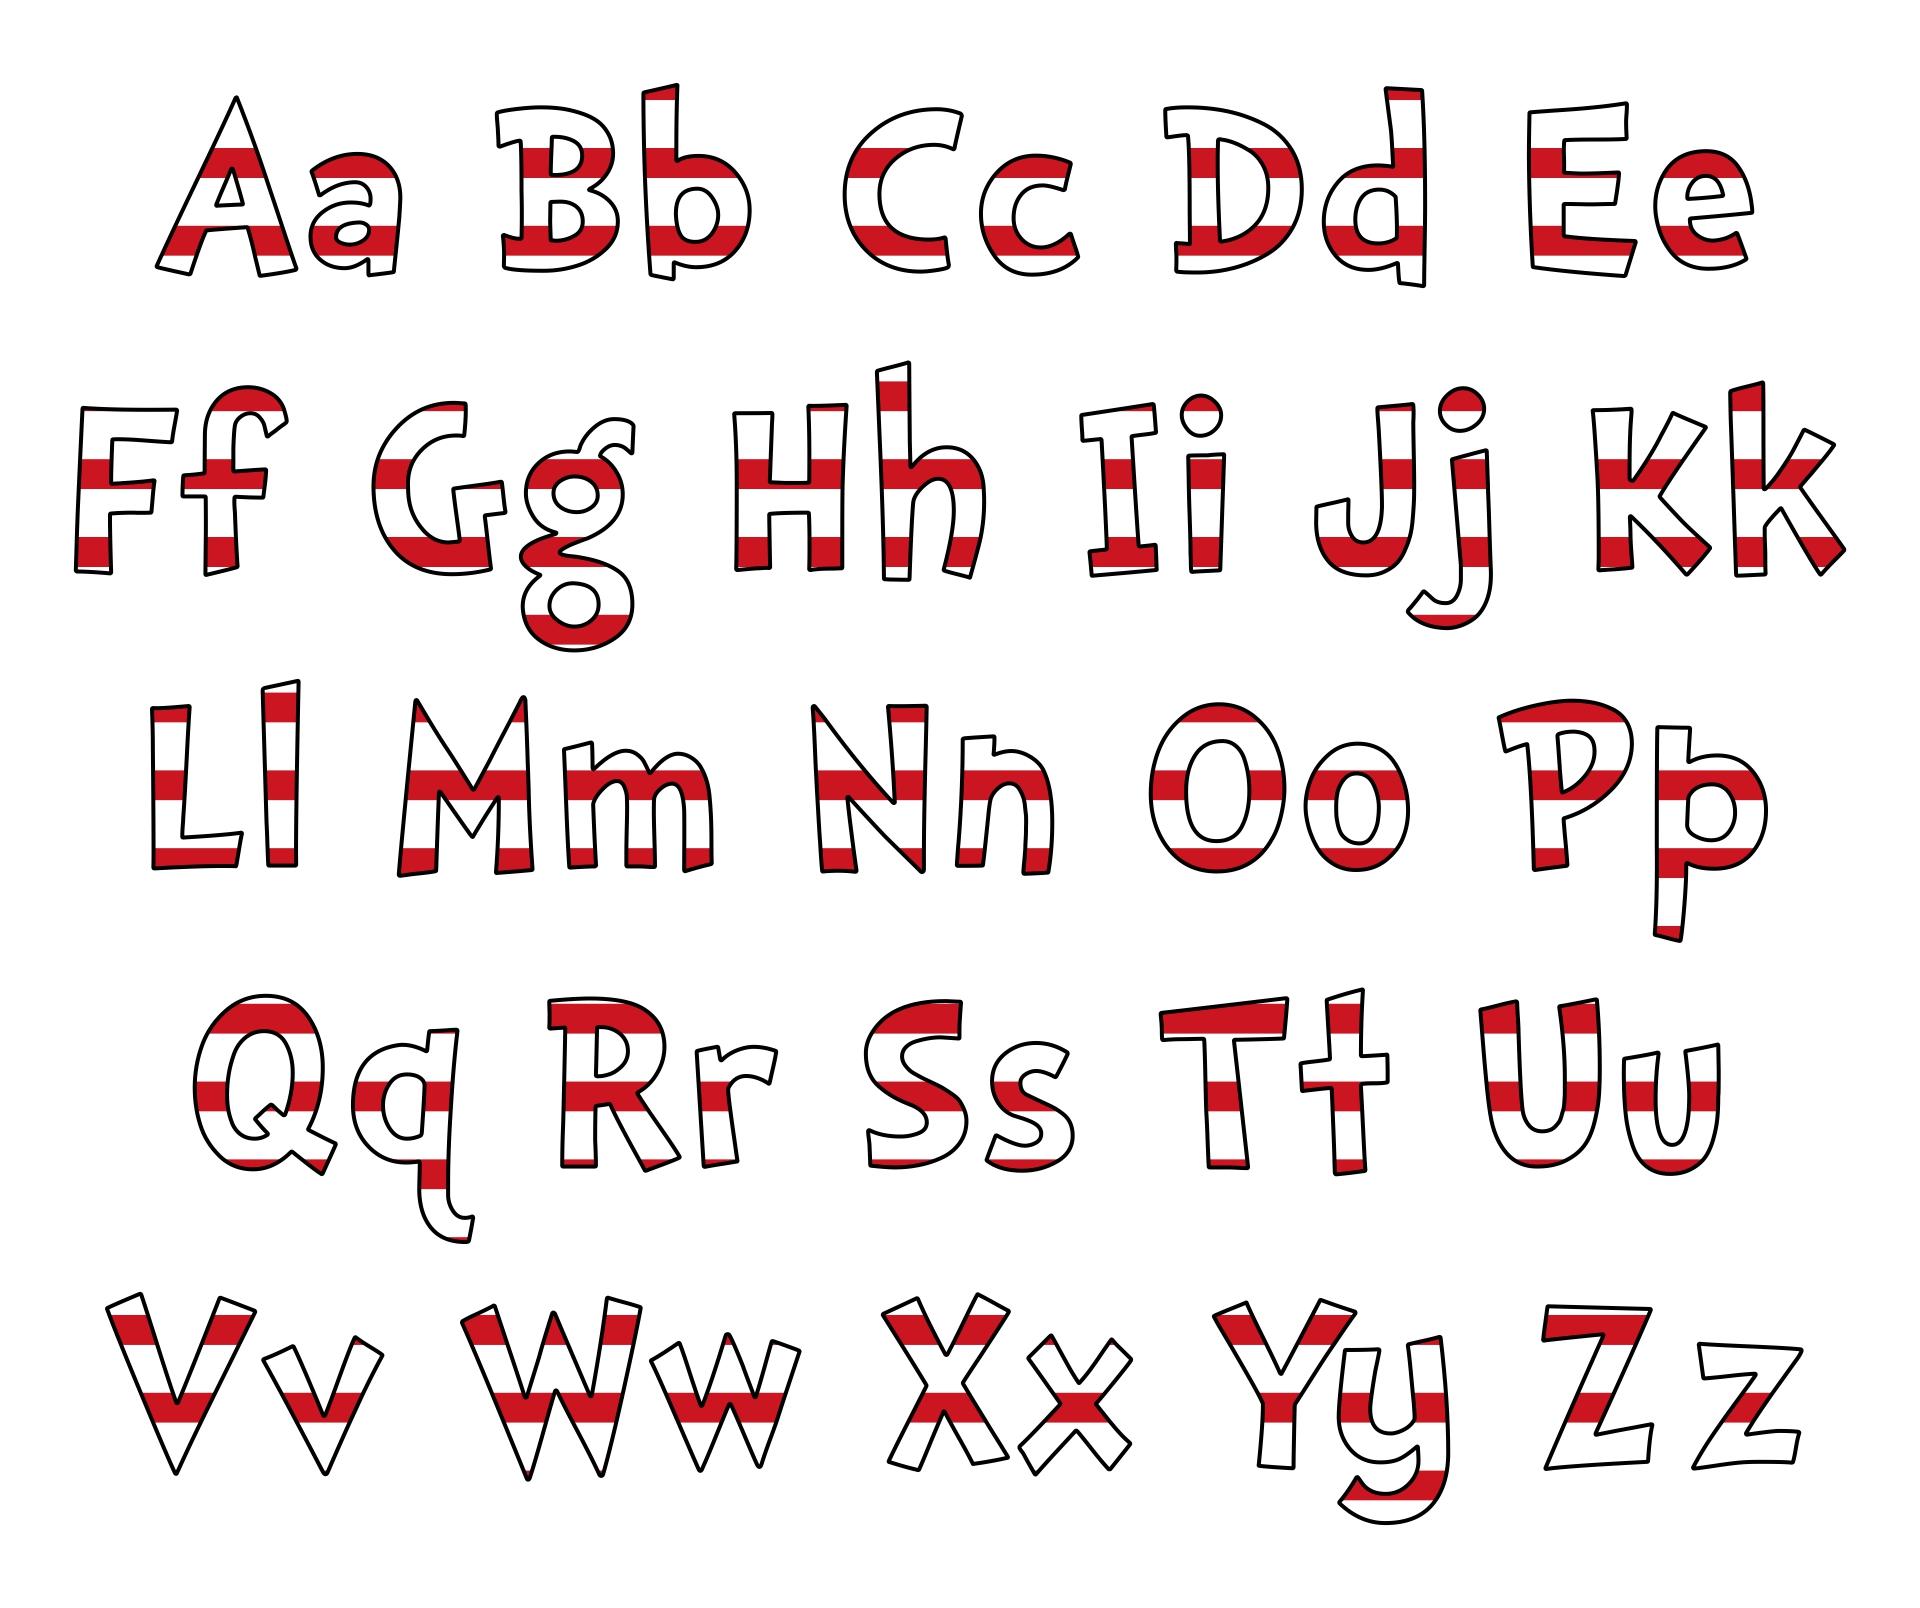 Dr. Seuss Printable Alphabet Letters